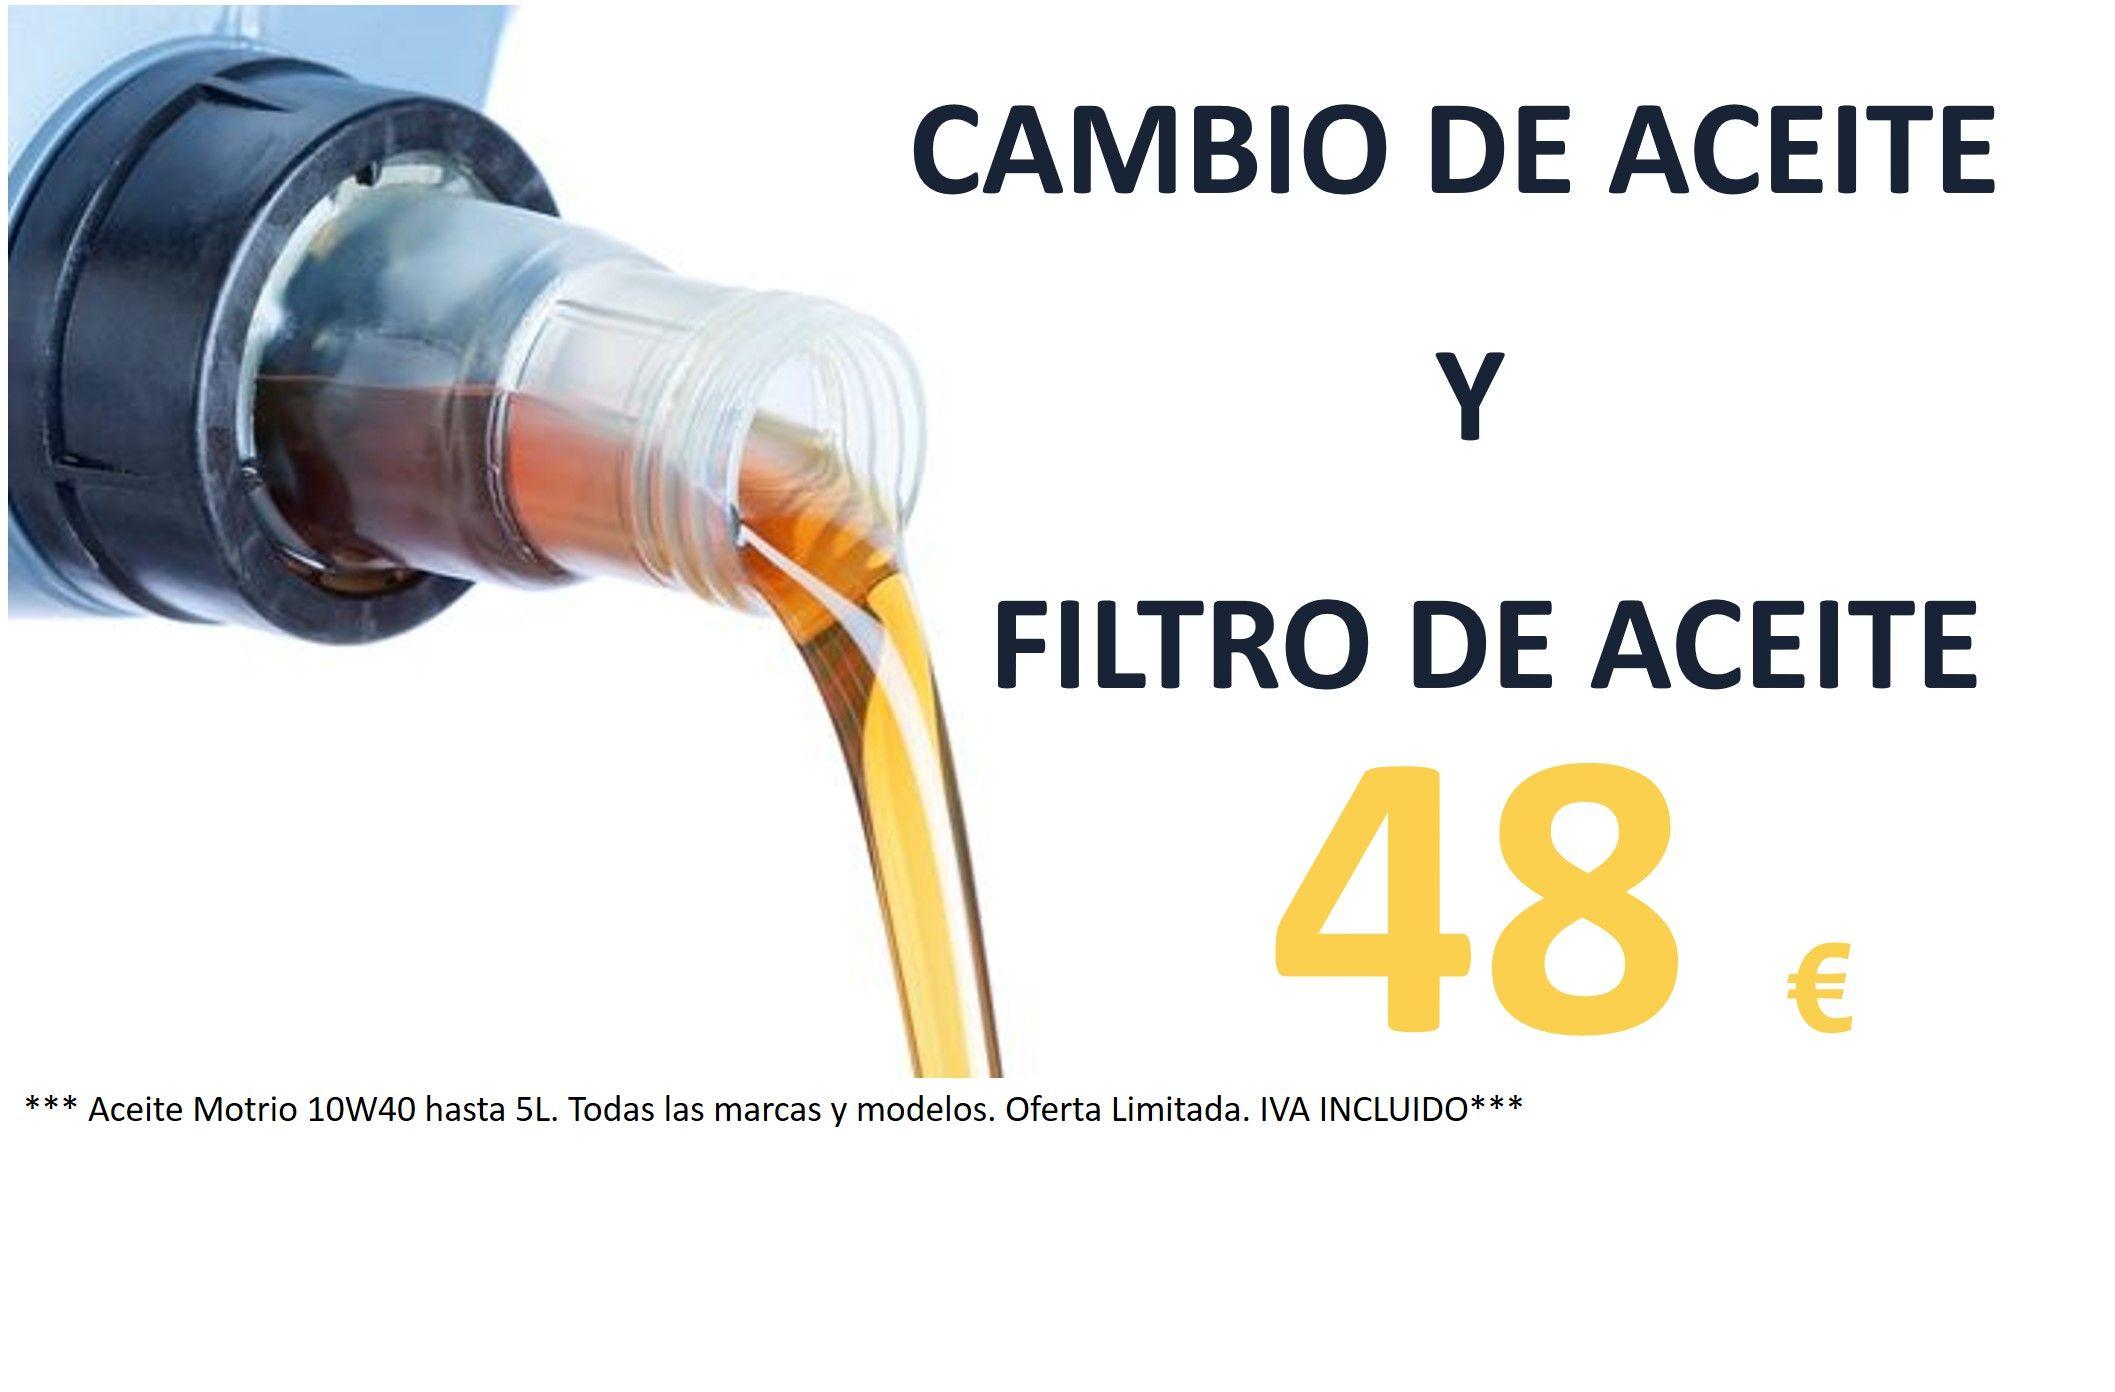 CAMBIO DE ACEITE Y FILTRO ACEITE 10w40 POR  48€